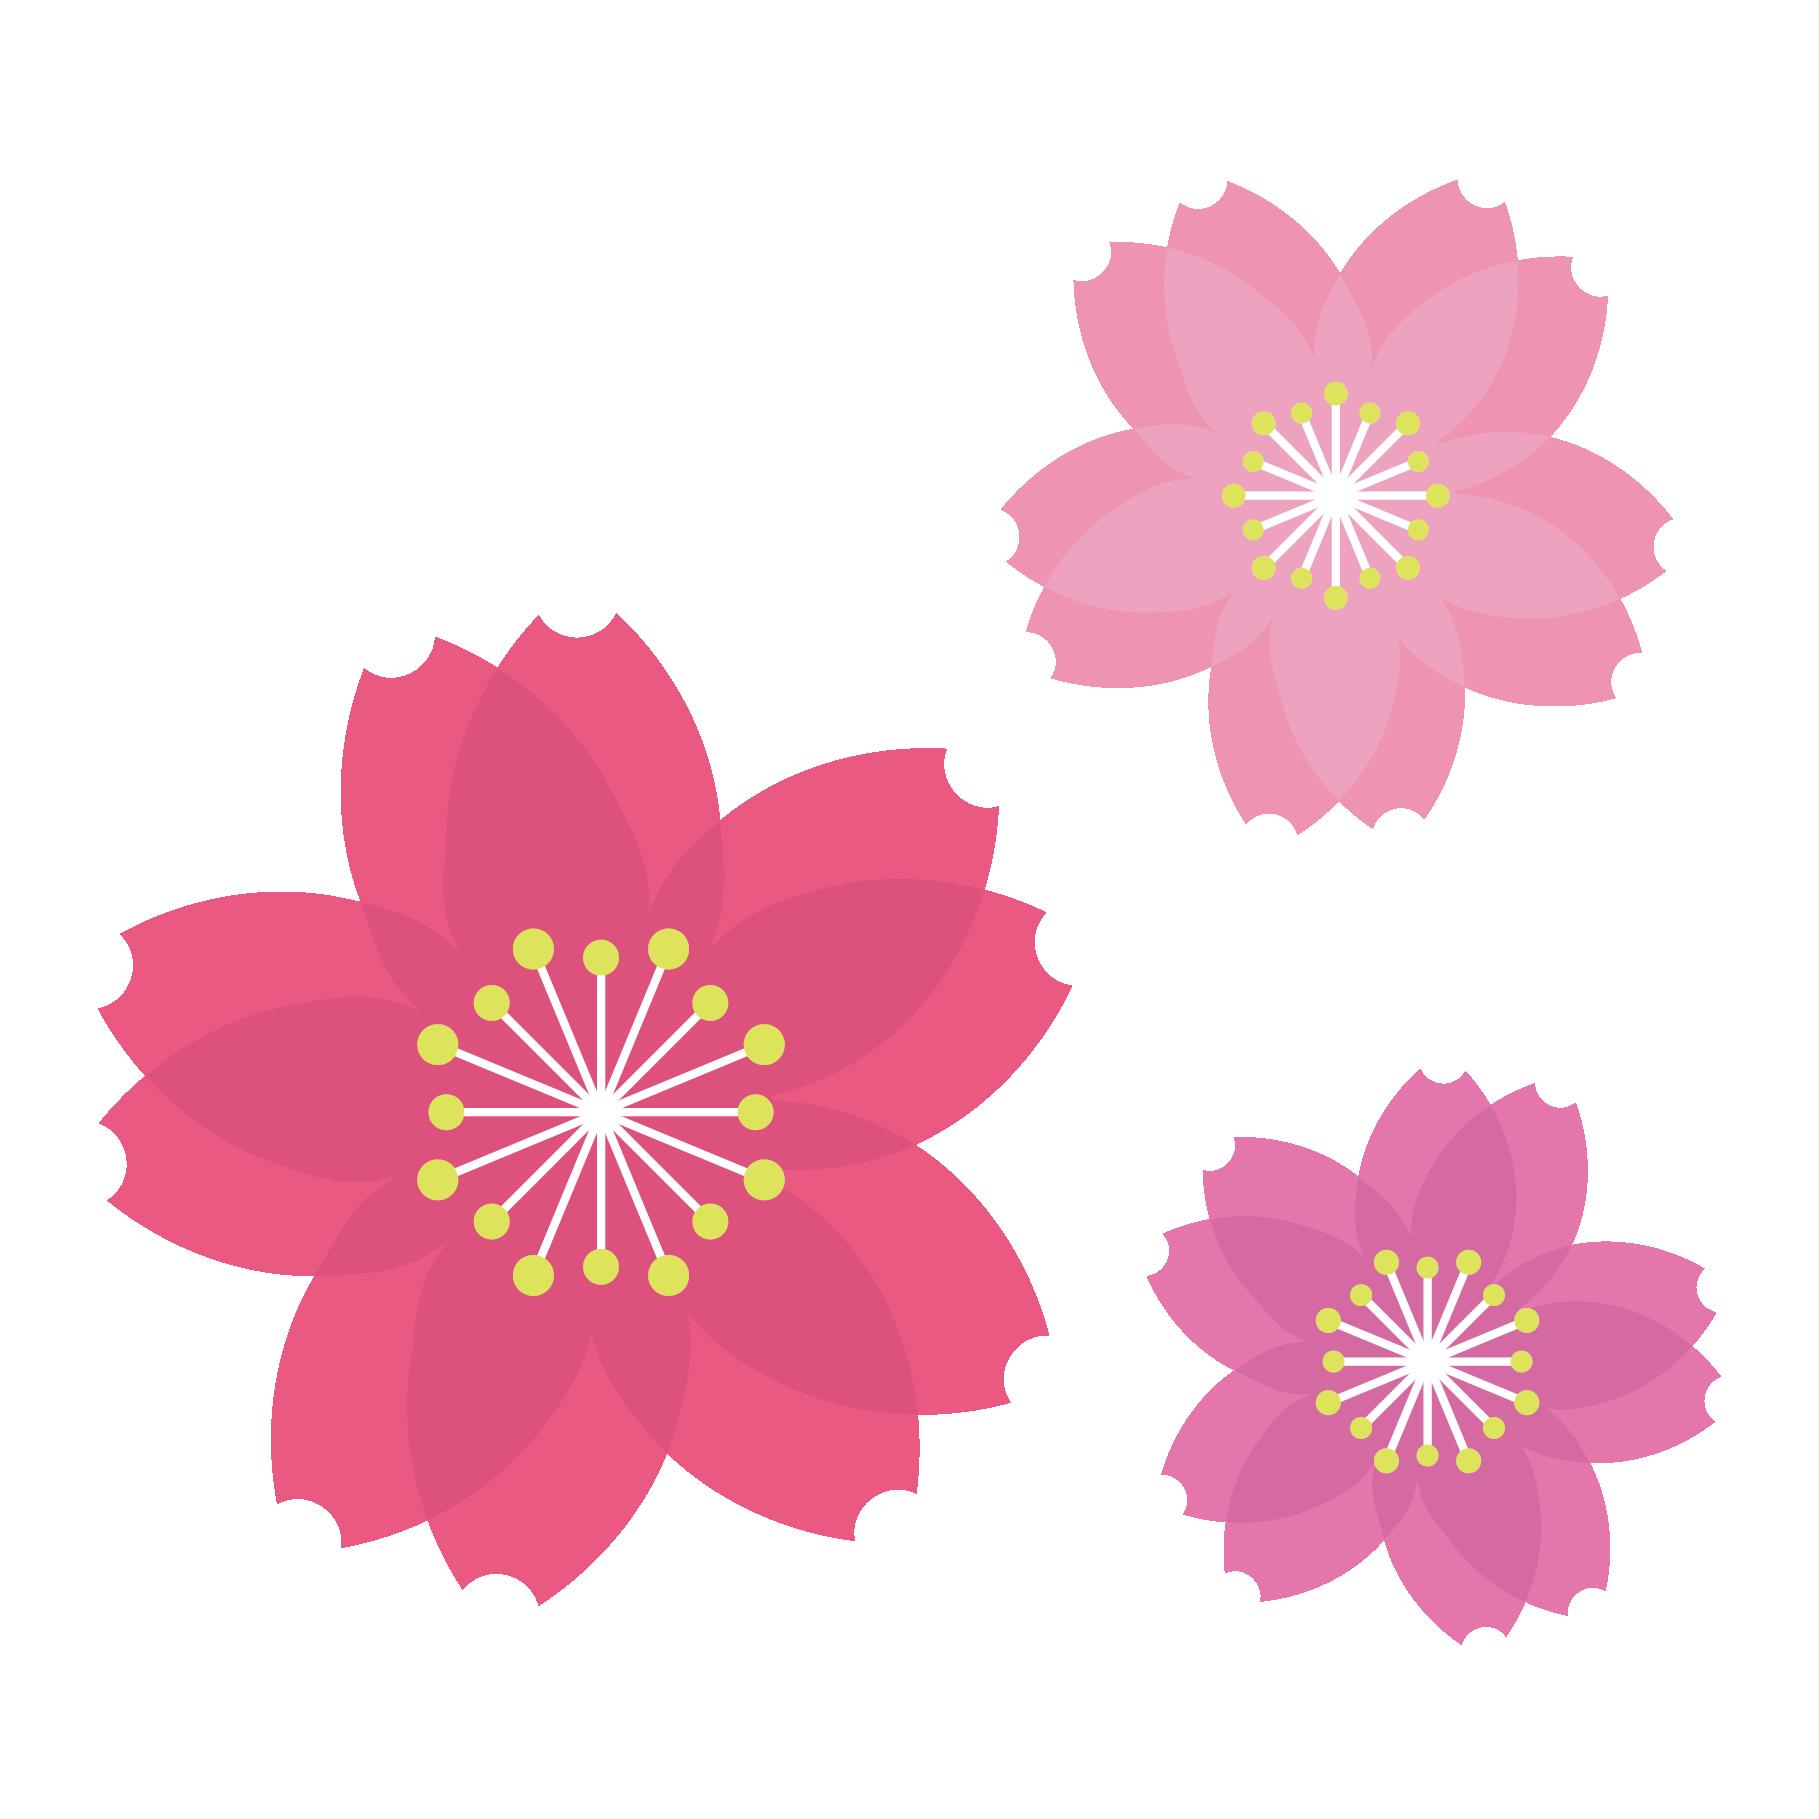 Adsbygoogle Window Adsbygoogle Push 商用可 春 といえば桜 サクラ さくら かわいい 桜の無料 フリー イラスト素材になります ちょっとした挿絵としてお使いください 花のスケッチ 桜イラスト イラスト